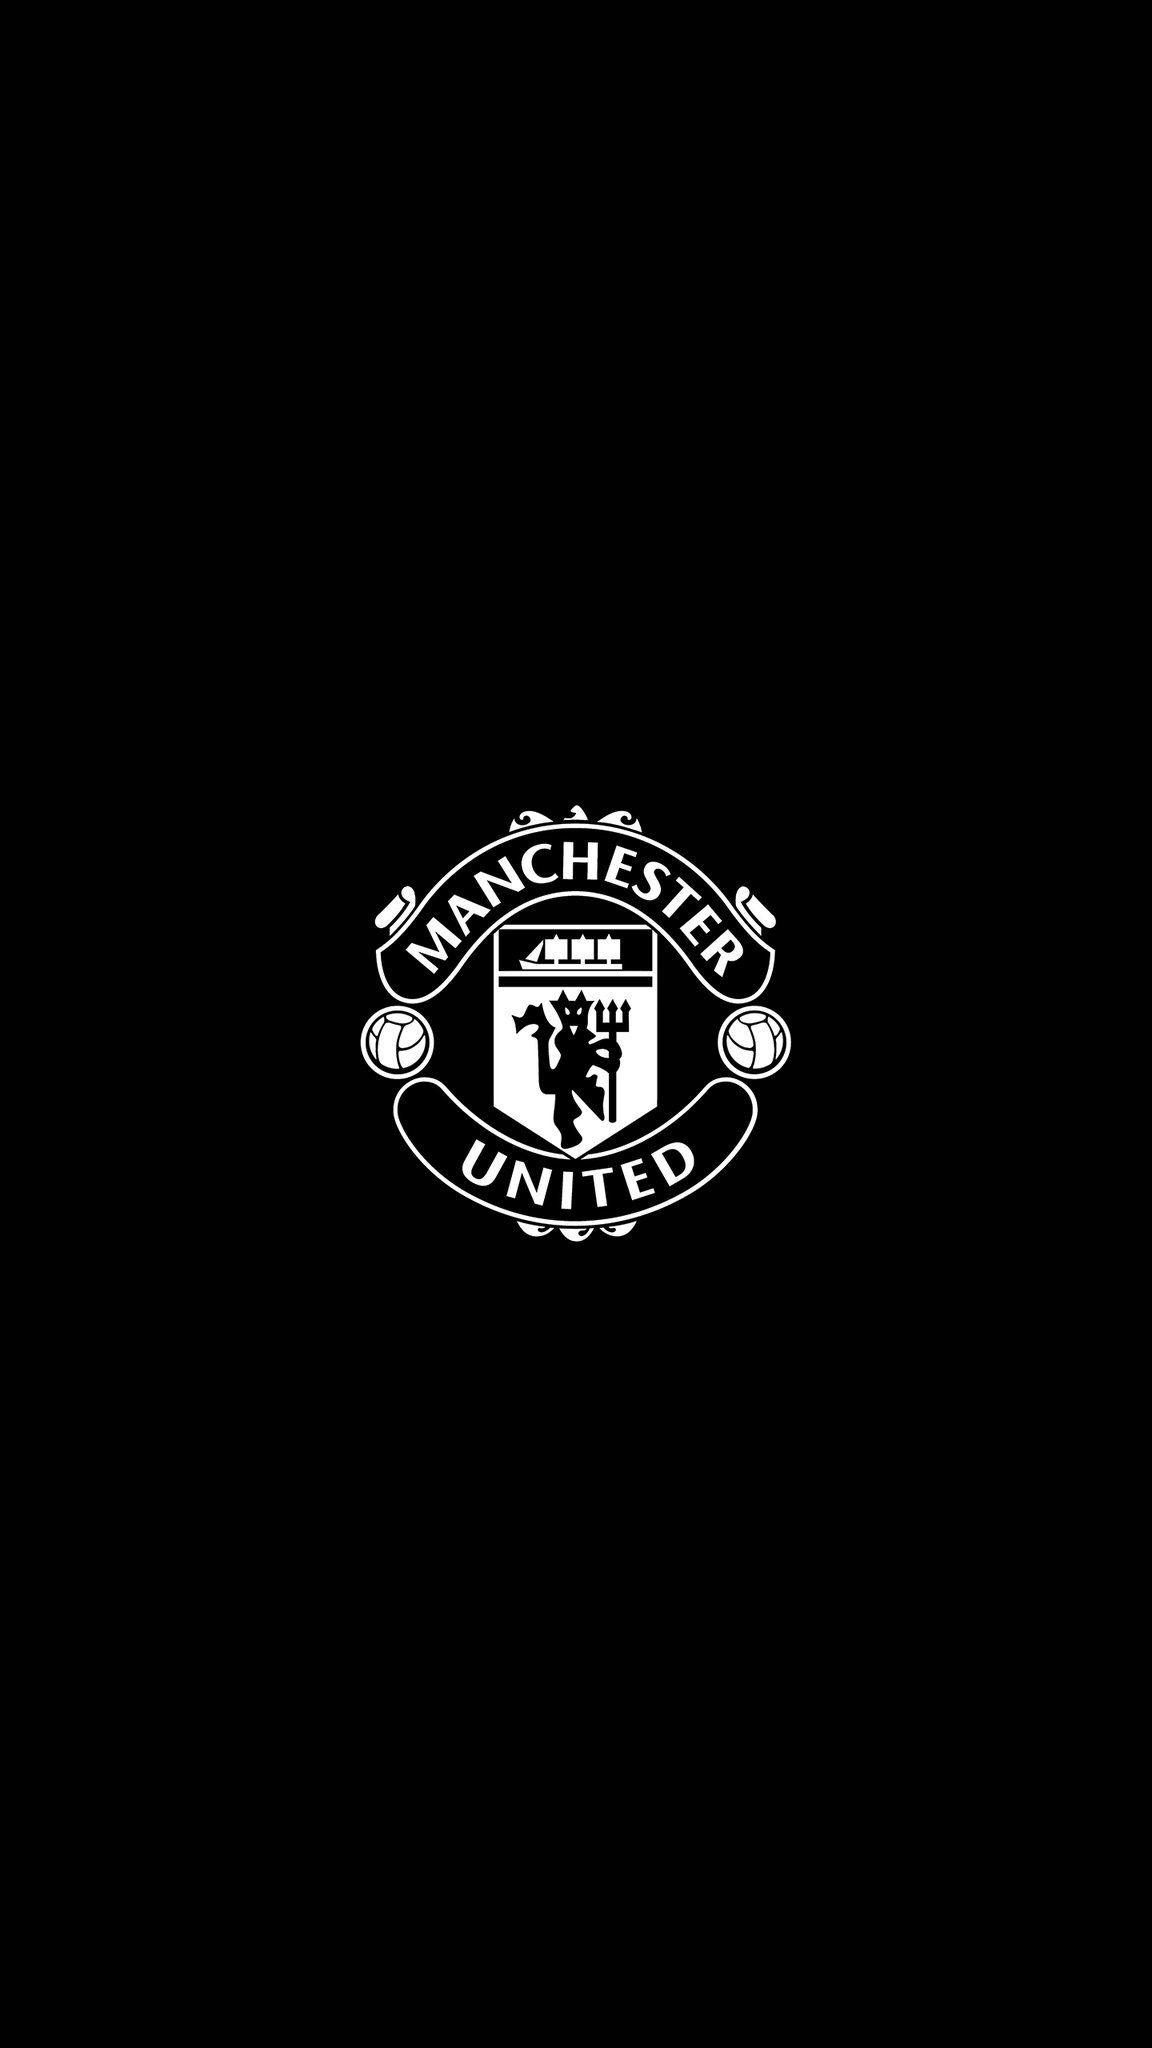 Hình nền đen Manchester United cho điện thoại